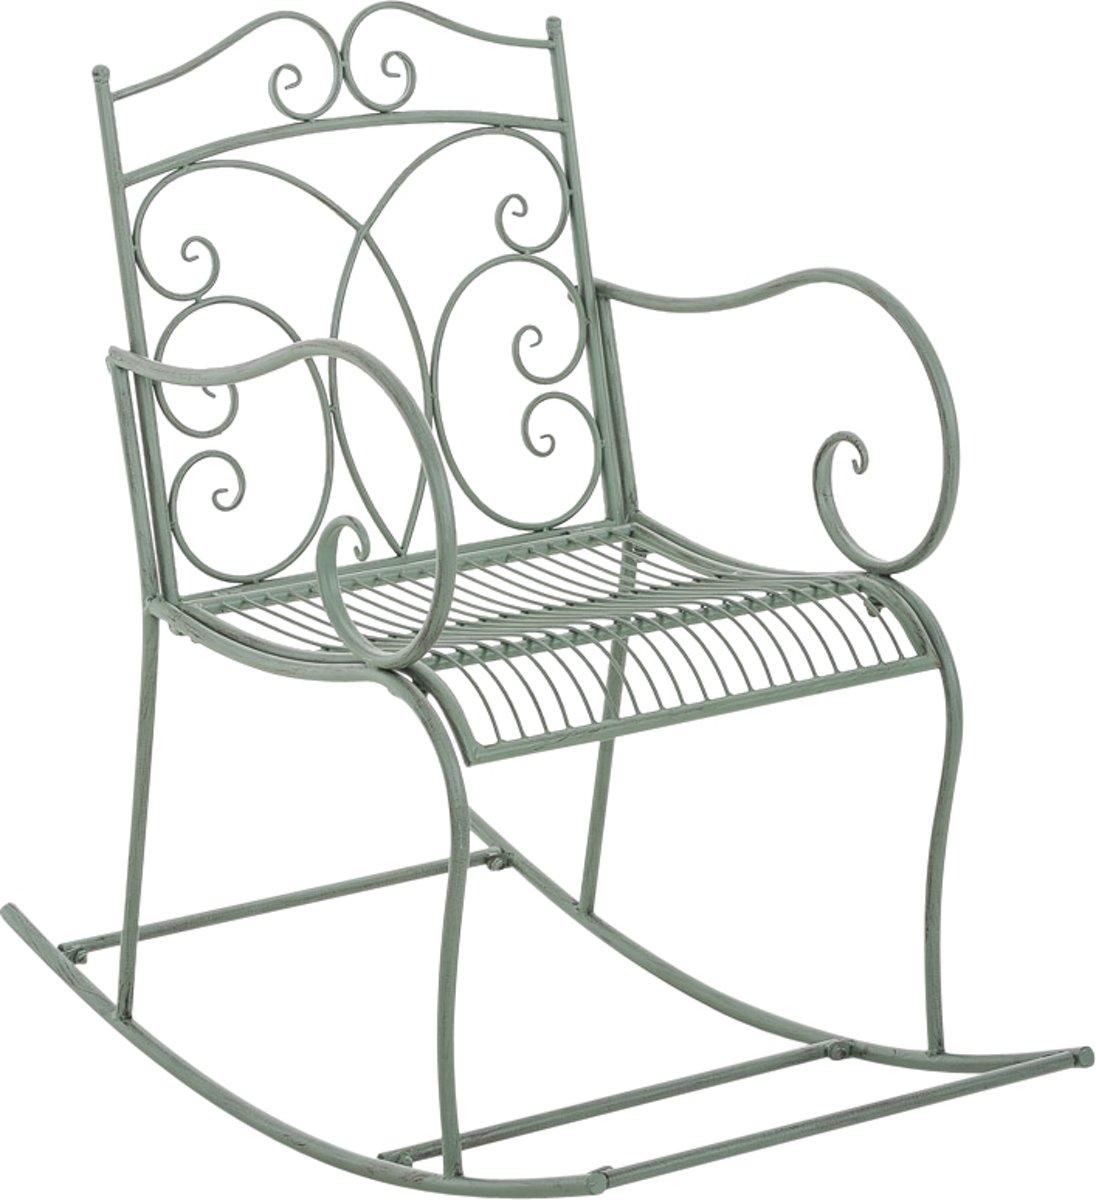 Clp Schommelstoel EDITH, tuinstoel, terrasstoel, balkonstoel, vintage, country live stijl, retro, nostalgisch, landhuisstijl, relaxstoel - antiek-groe